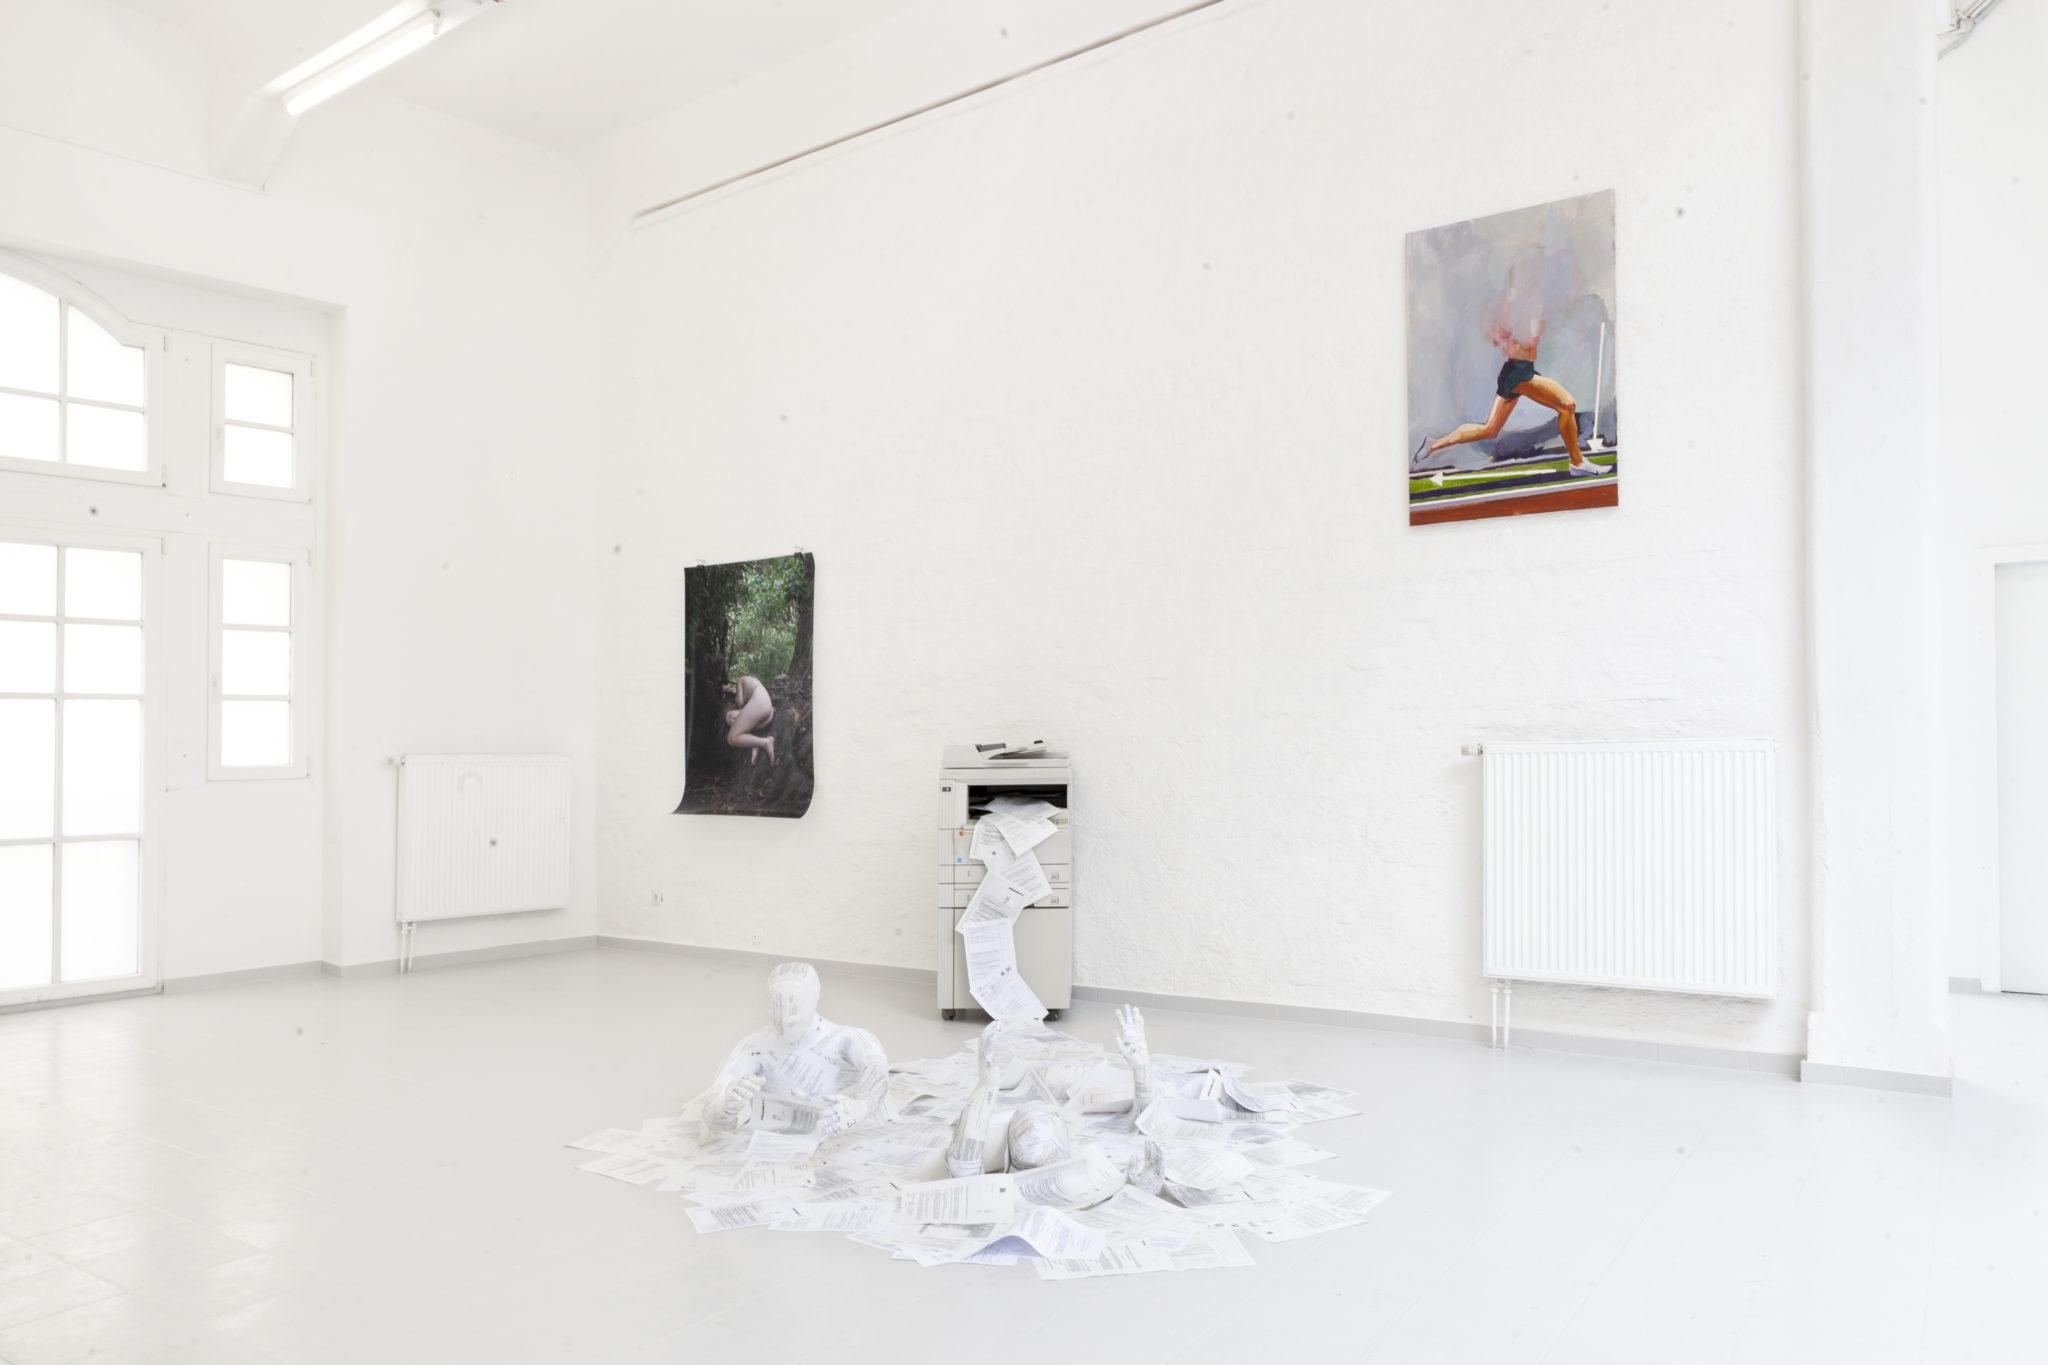 Bosse Bergfeld, How to run in proper form, Öl auf Leinwand, 120 x 80 cm, 2021, Ausstellungsansicht_1